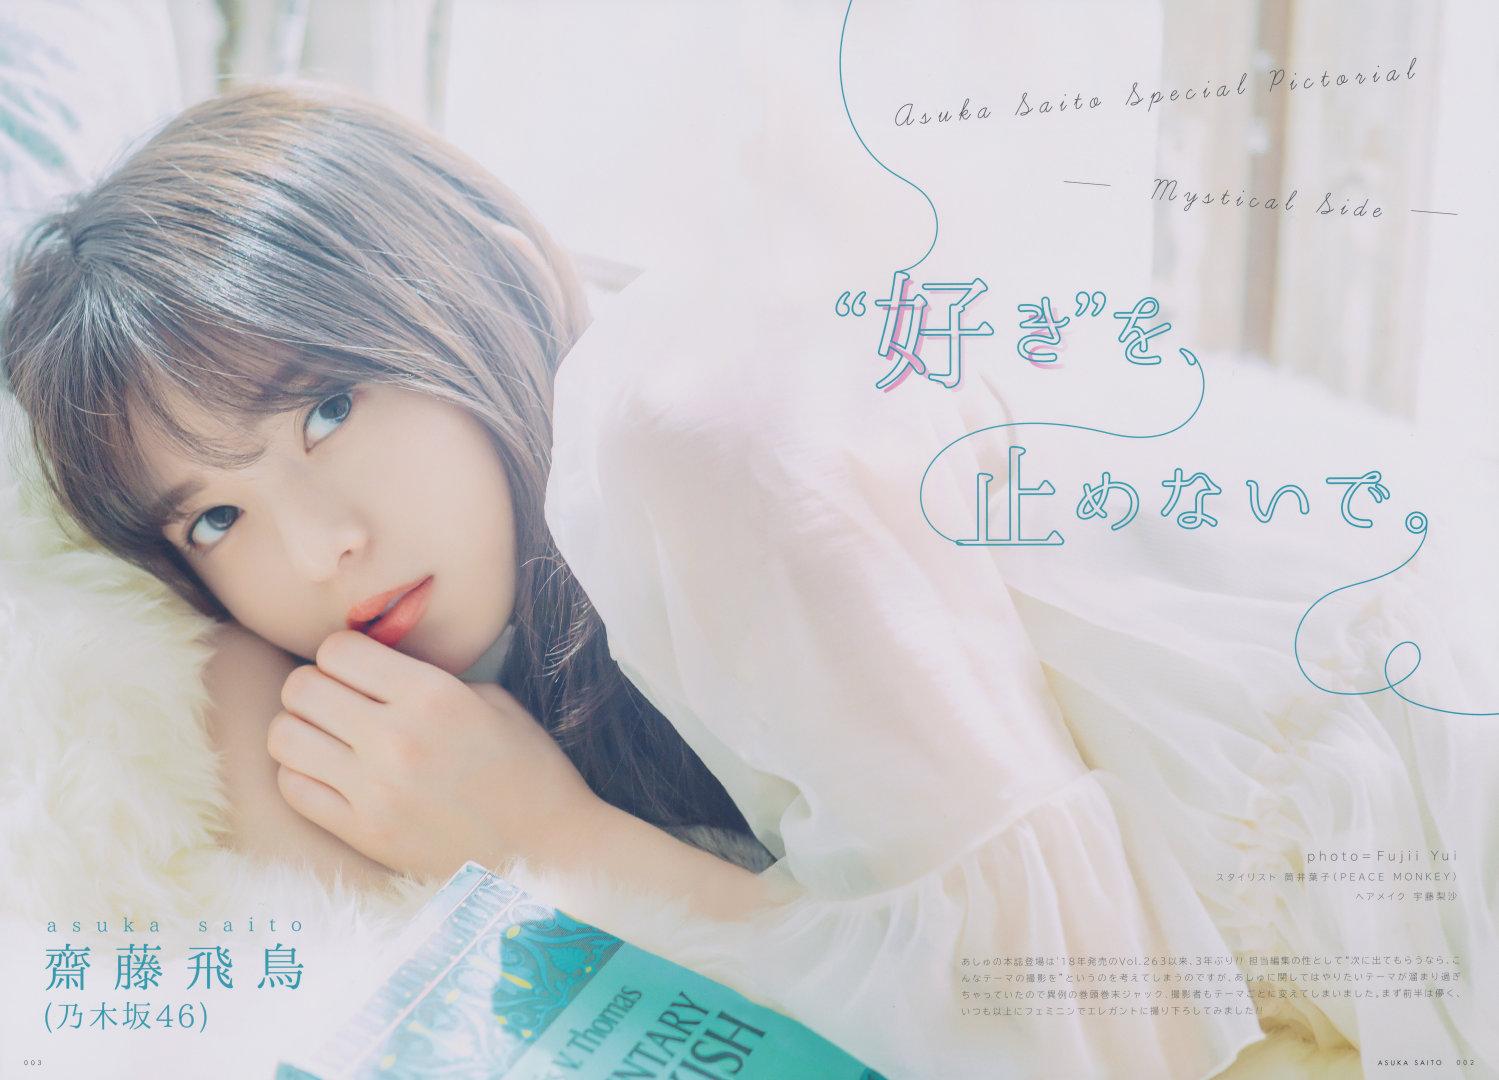 斋藤飞鸟 UTB Vol.301